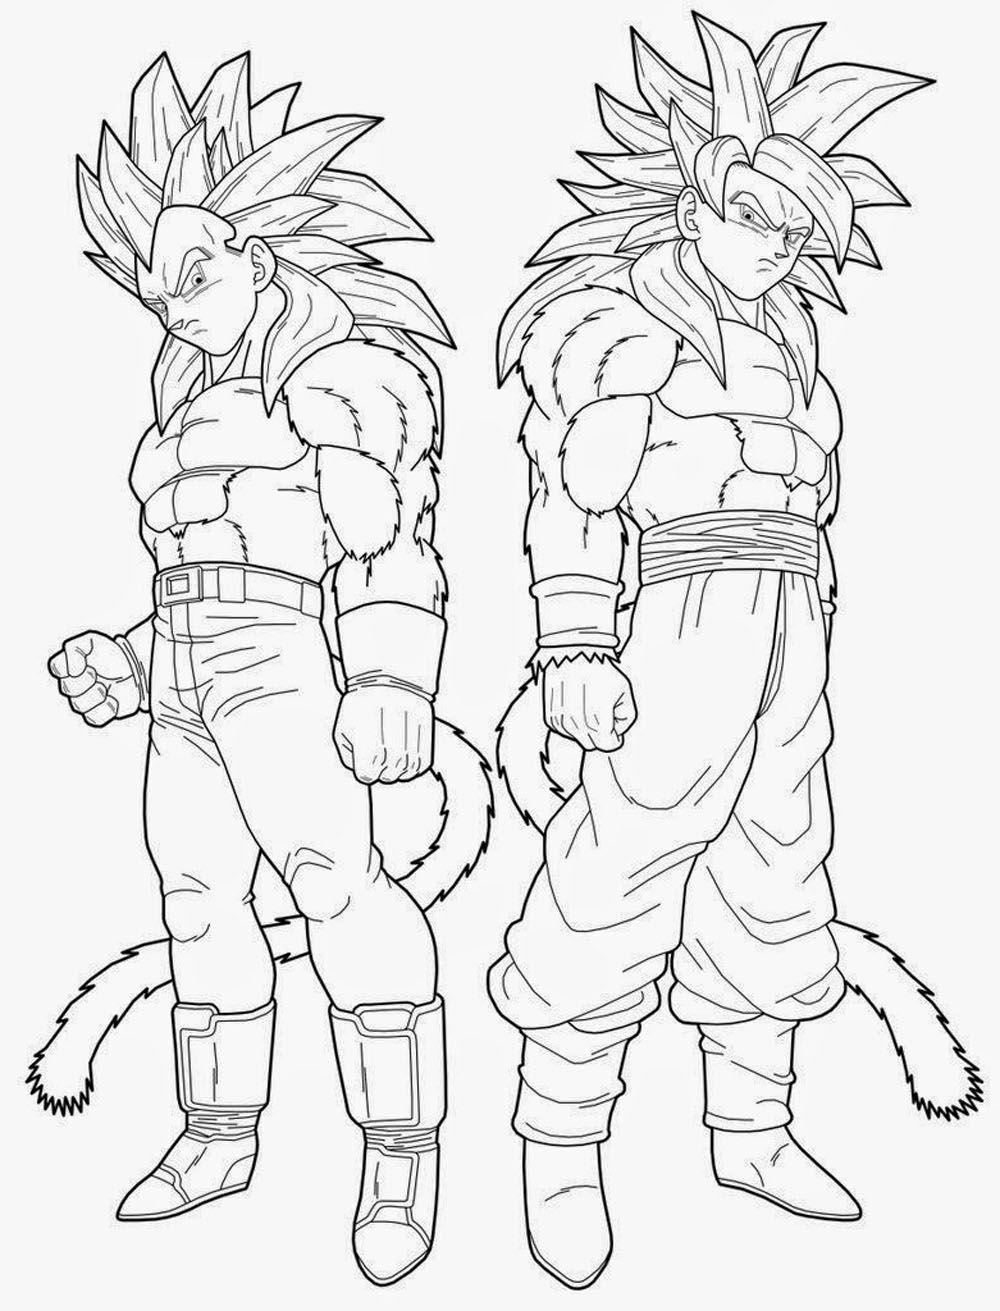 Dibujo de Goku y Vegeta fase 4 de drago | Imagen para colorear ...